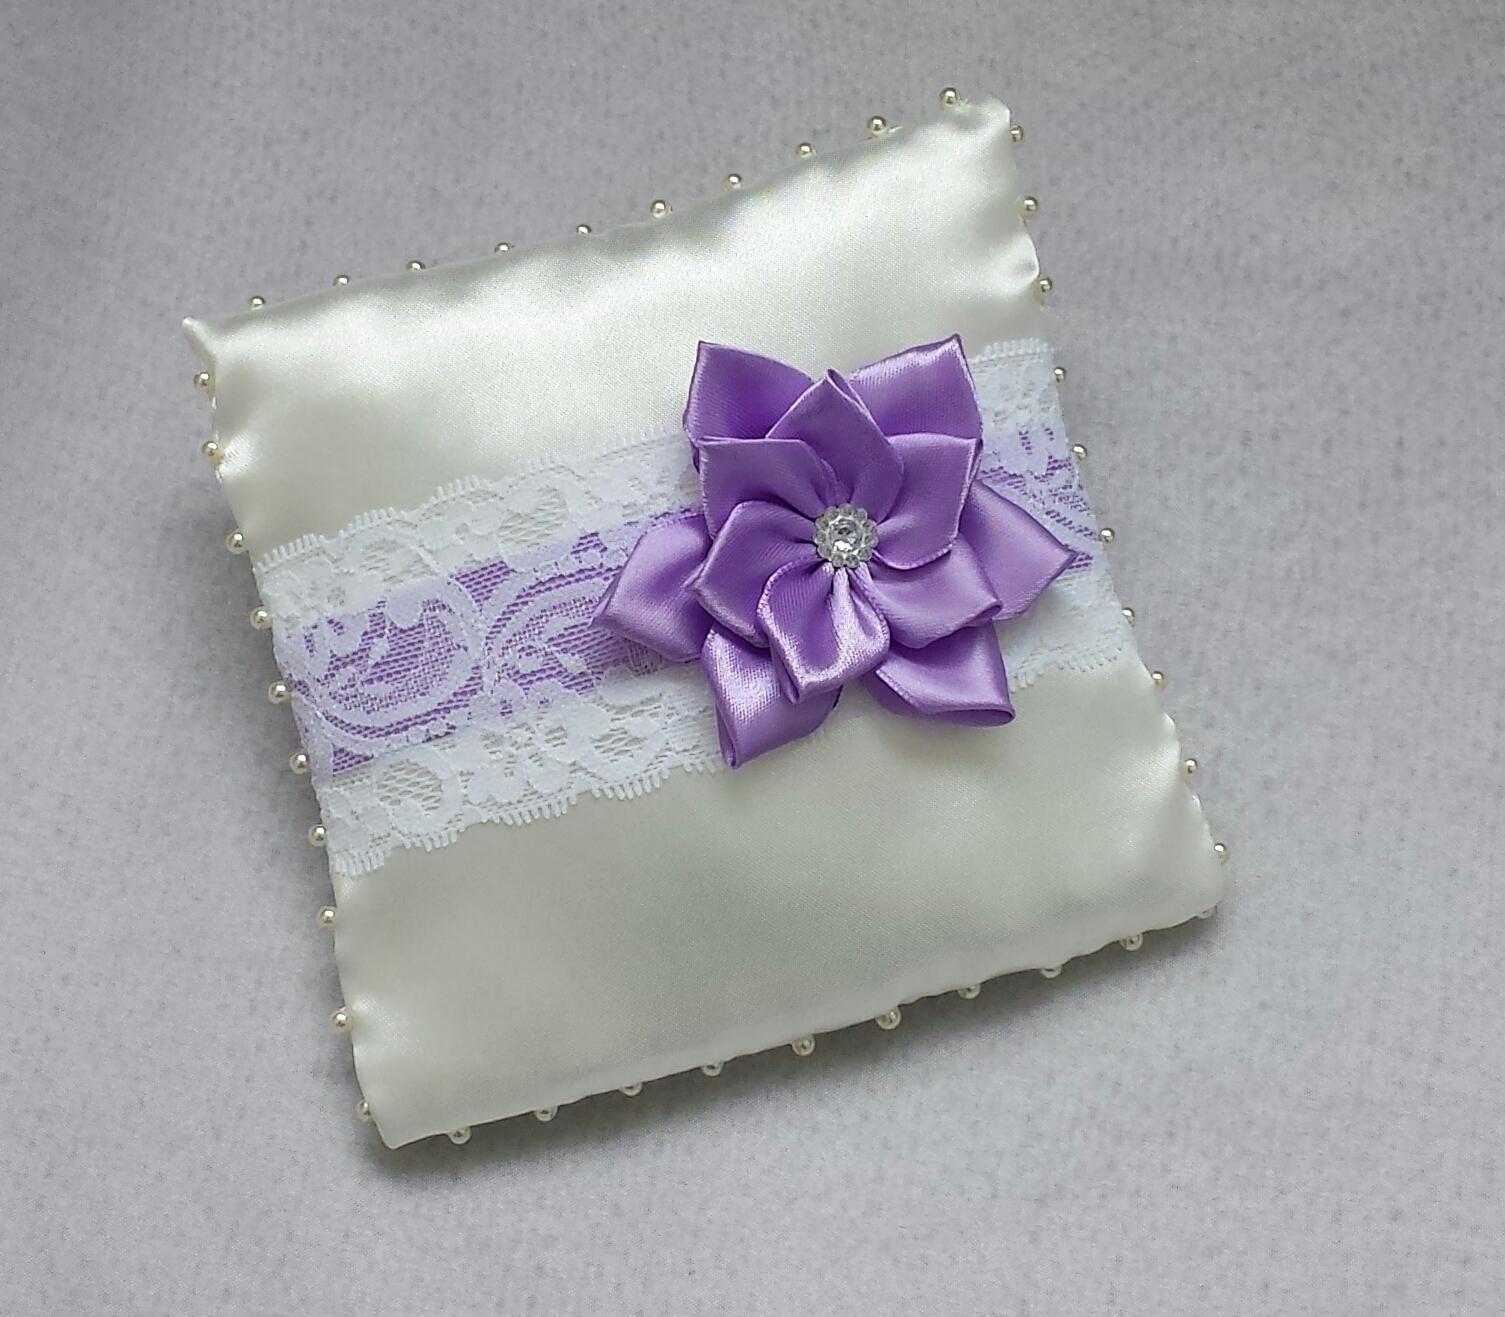 Luxusni ivory polštářek s lila kanzashi a krajkou - Obrázek č. 1